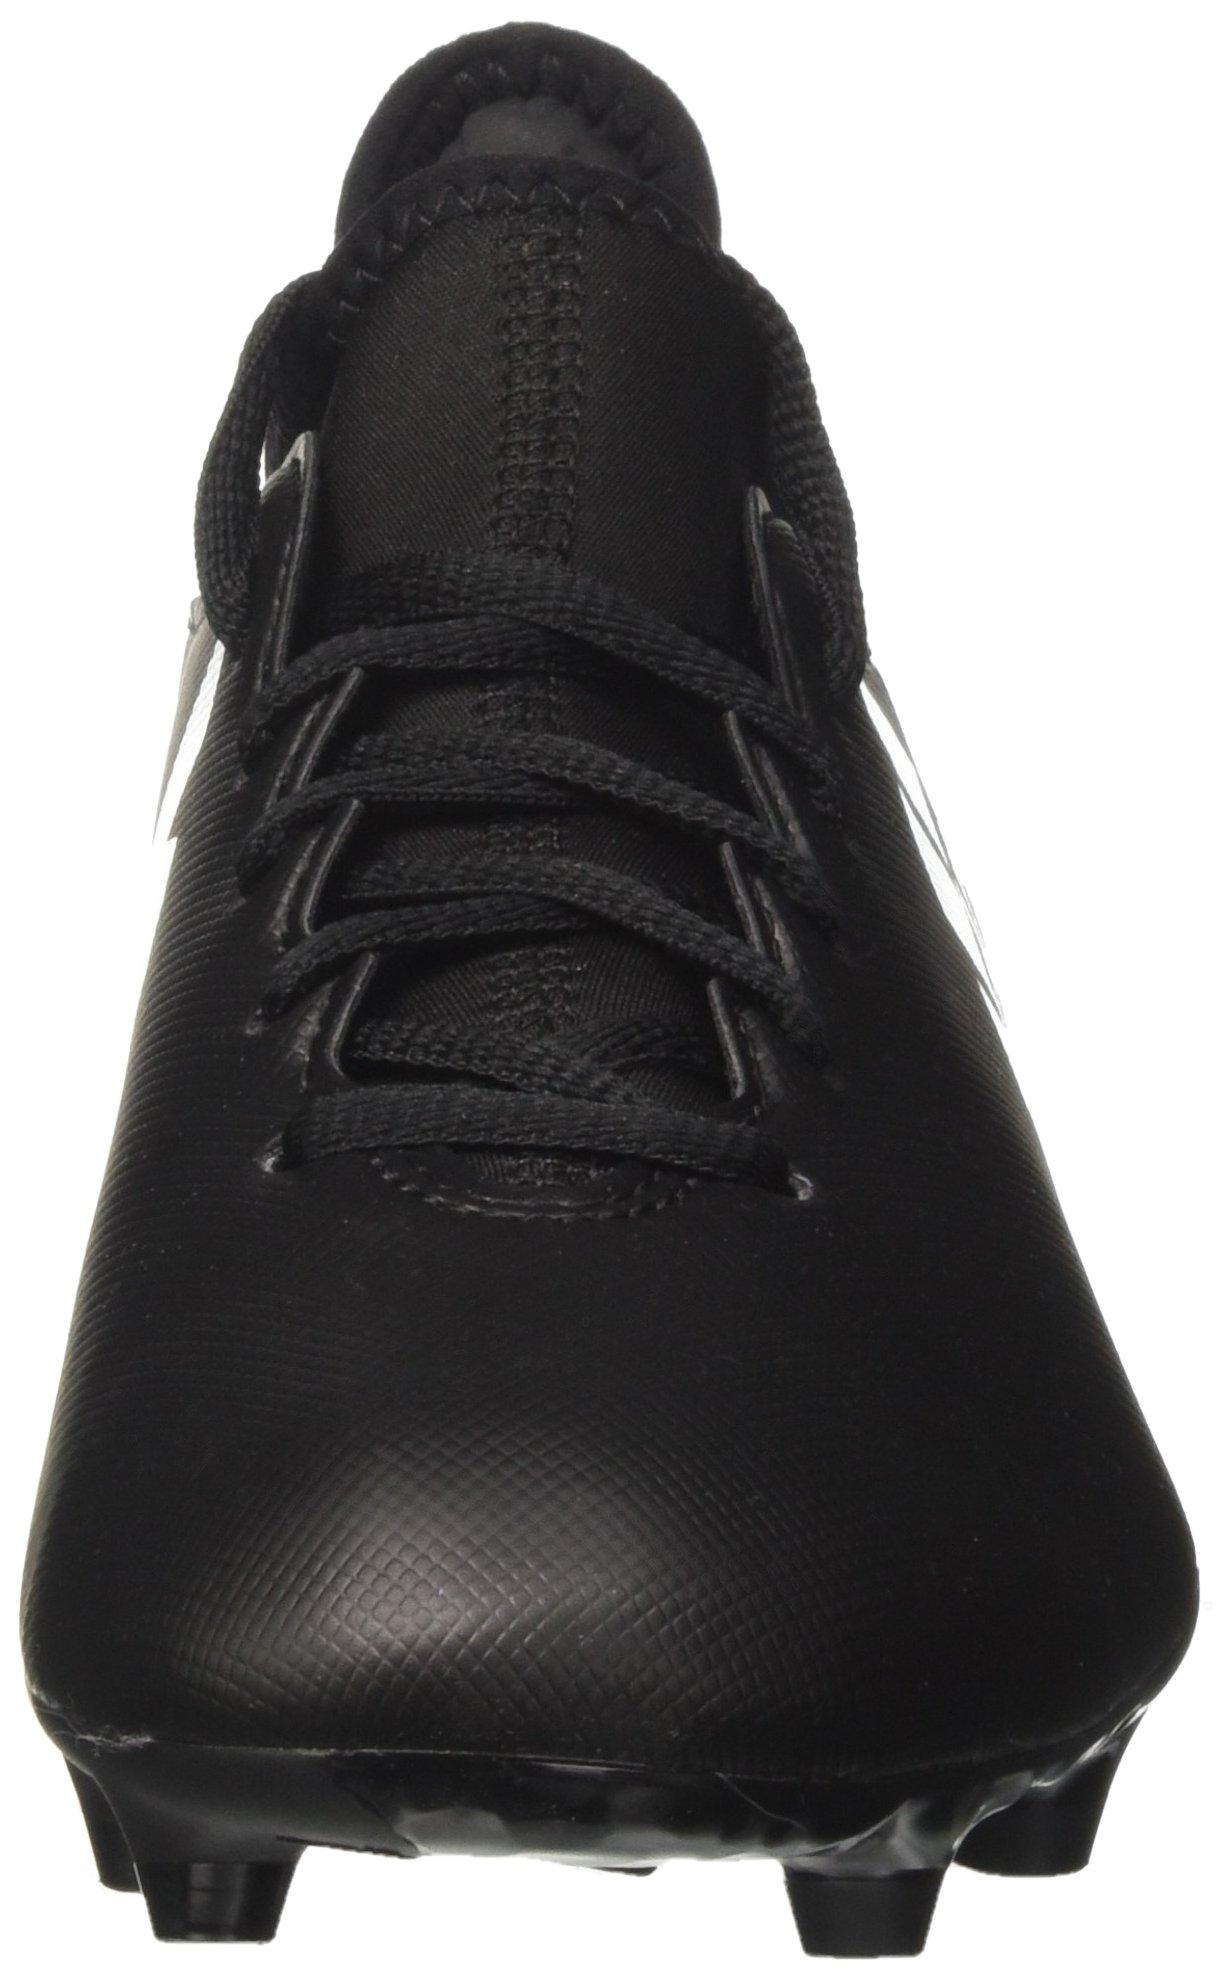 Adidas X 73 Fg, Scarpe per Calcio, Uomo 4 spesavip